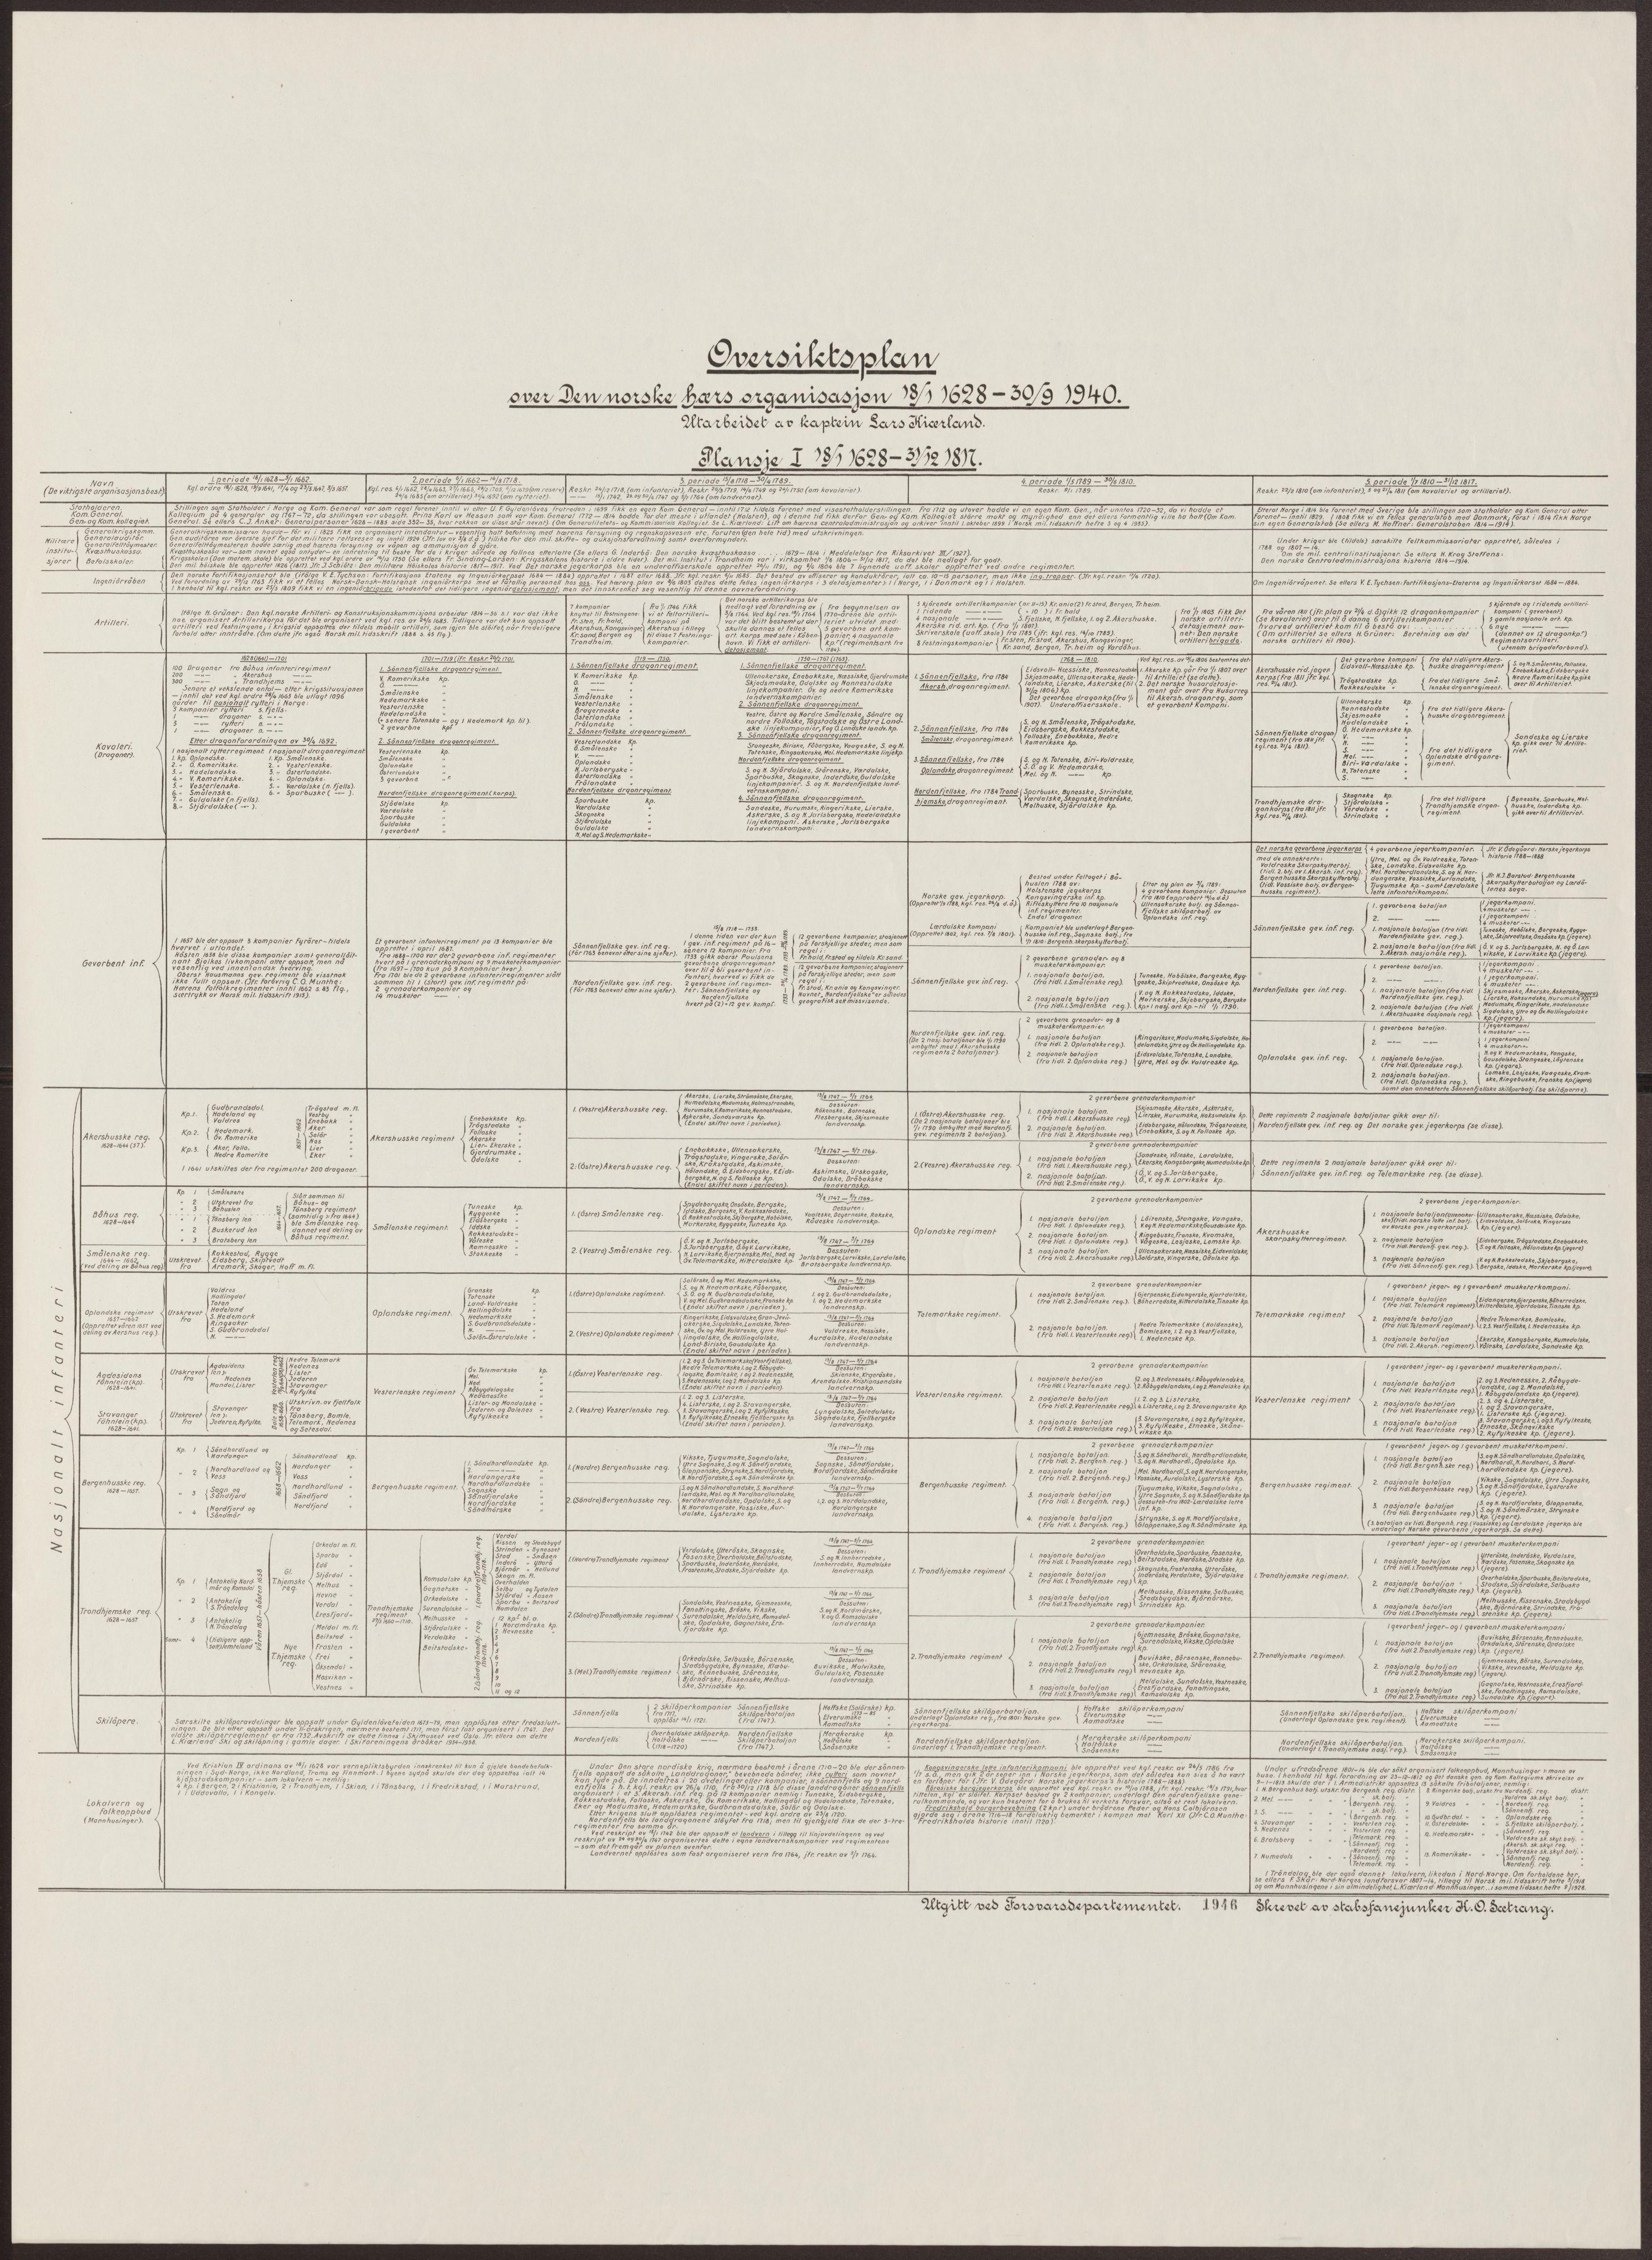 RA, Kiærland, Lars, F/Fe/L0047: Oversiktsplan over den norske hærs organisasjon fra 1628 til 1940, 1628-1940, s. 1